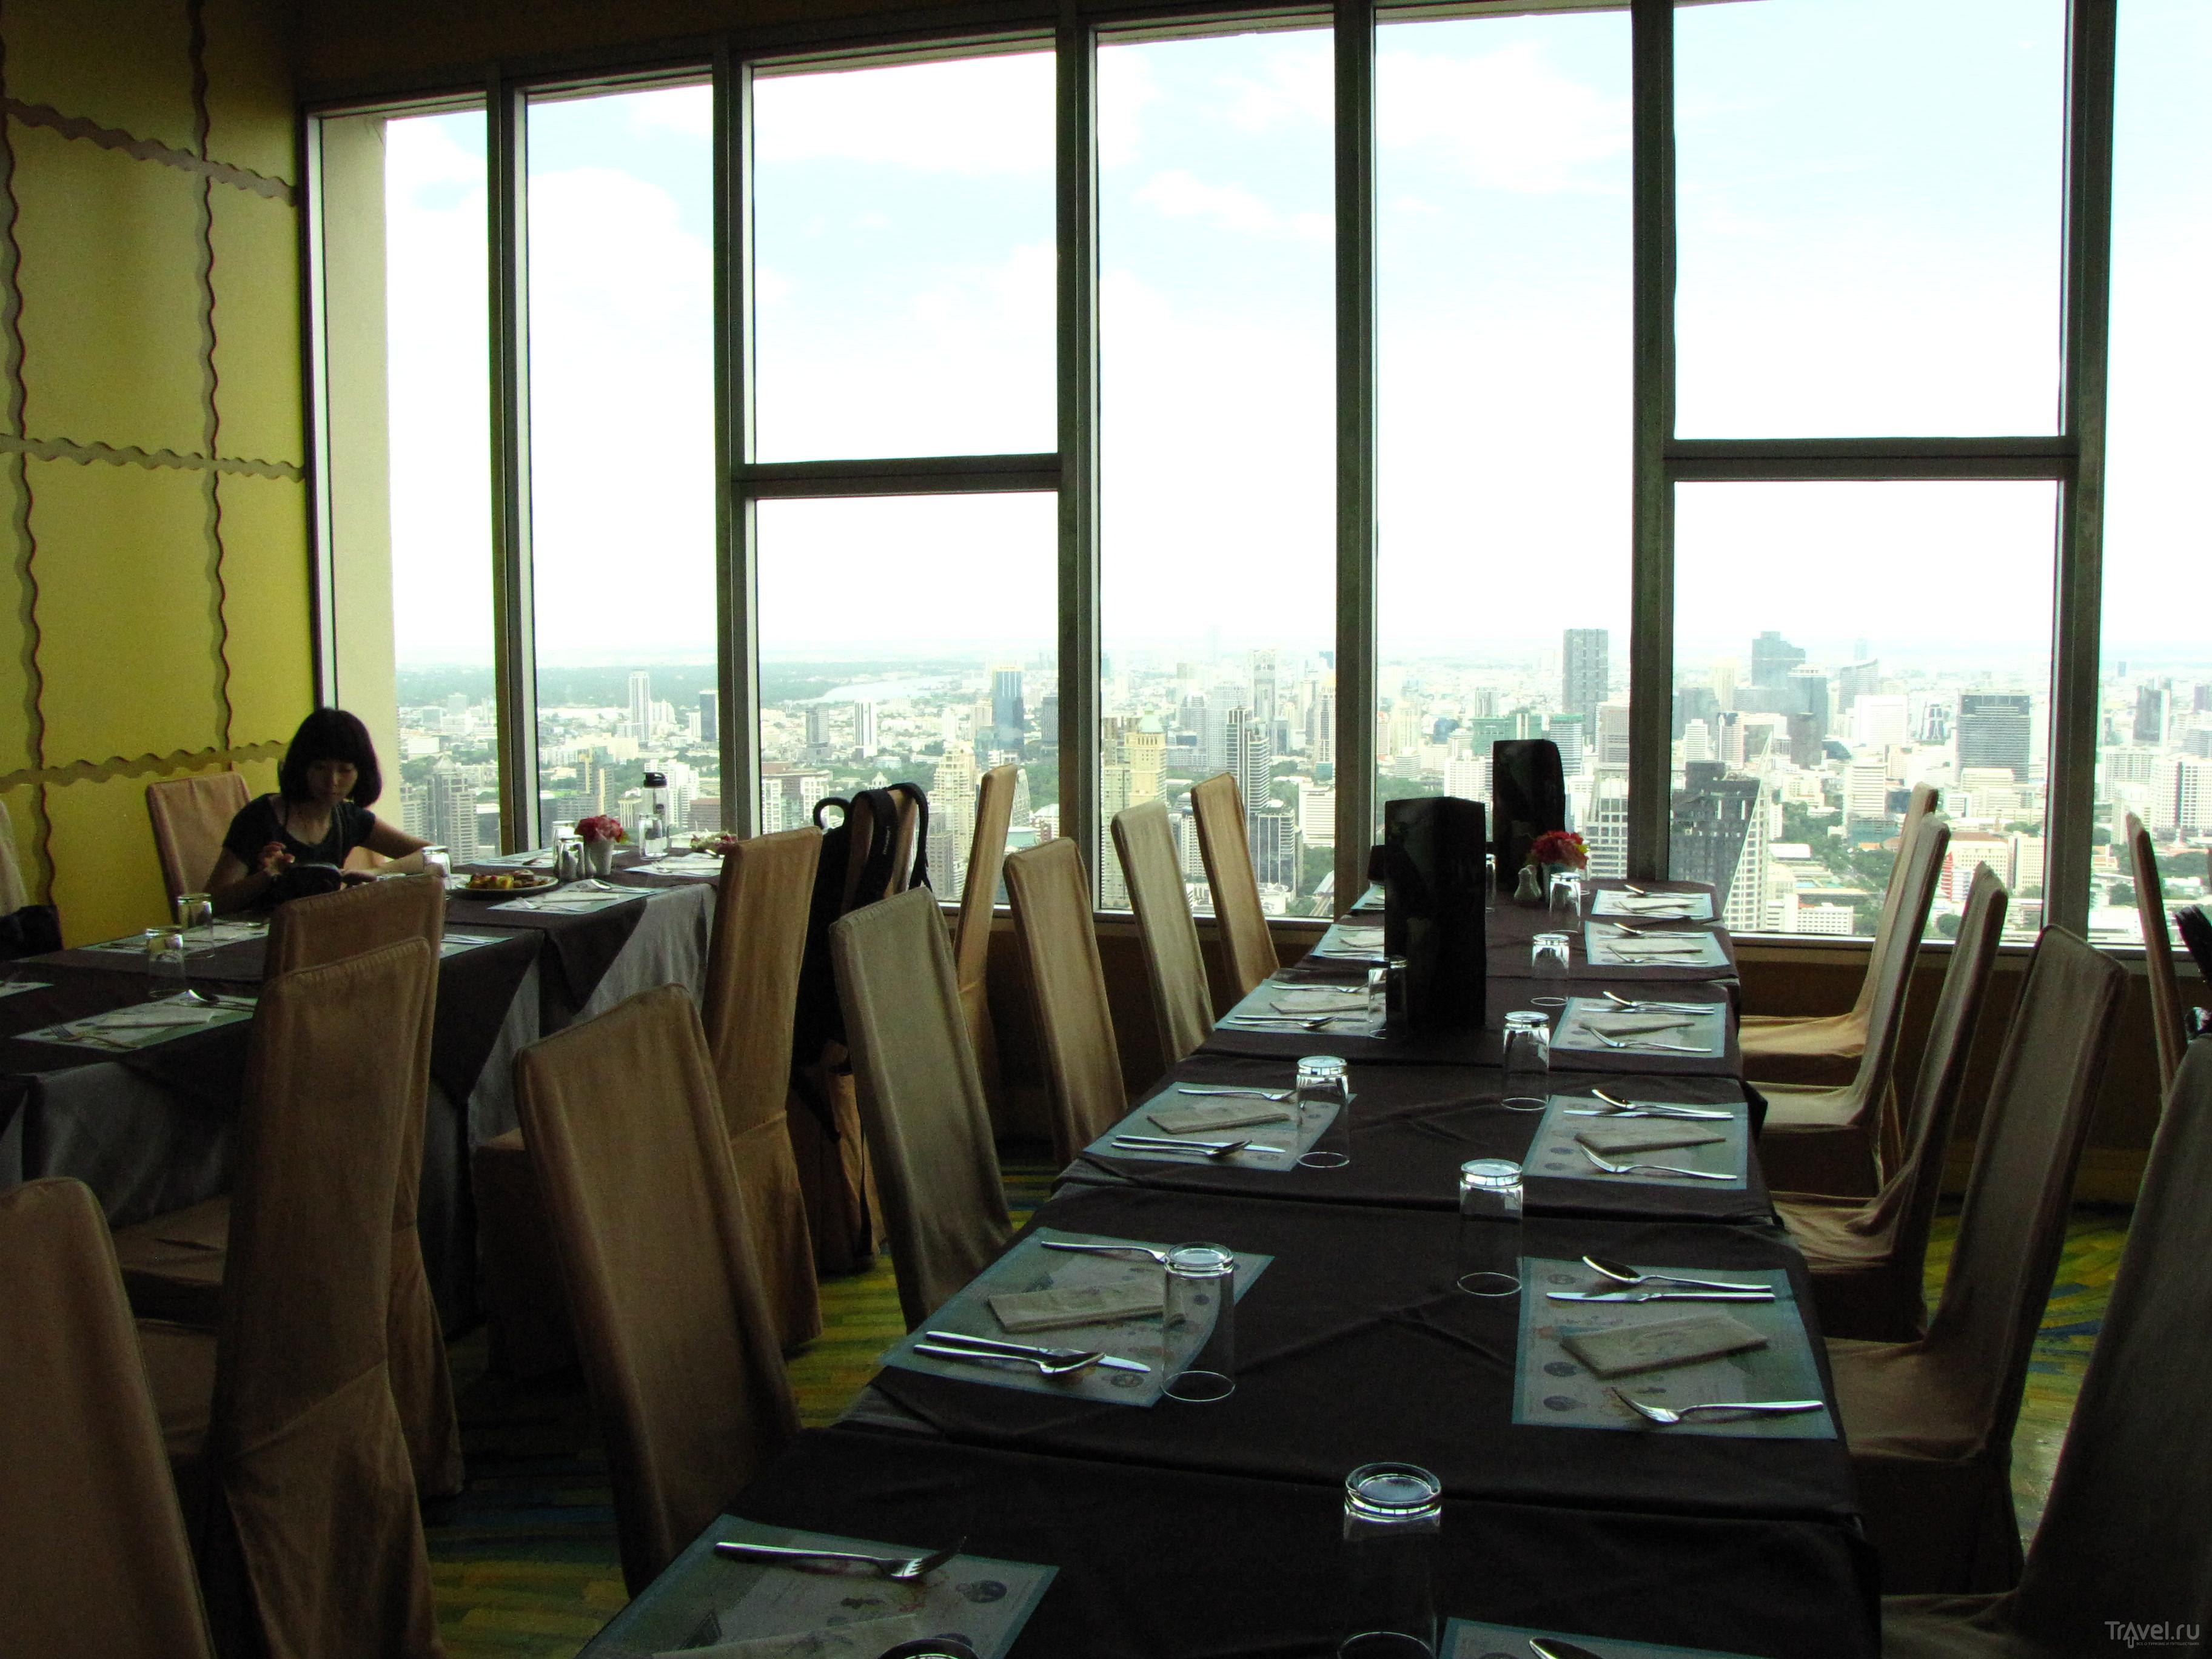 Ресторан на вершине Байок-Скай в Бангкоке, Таиланд / Фото из Таиланда